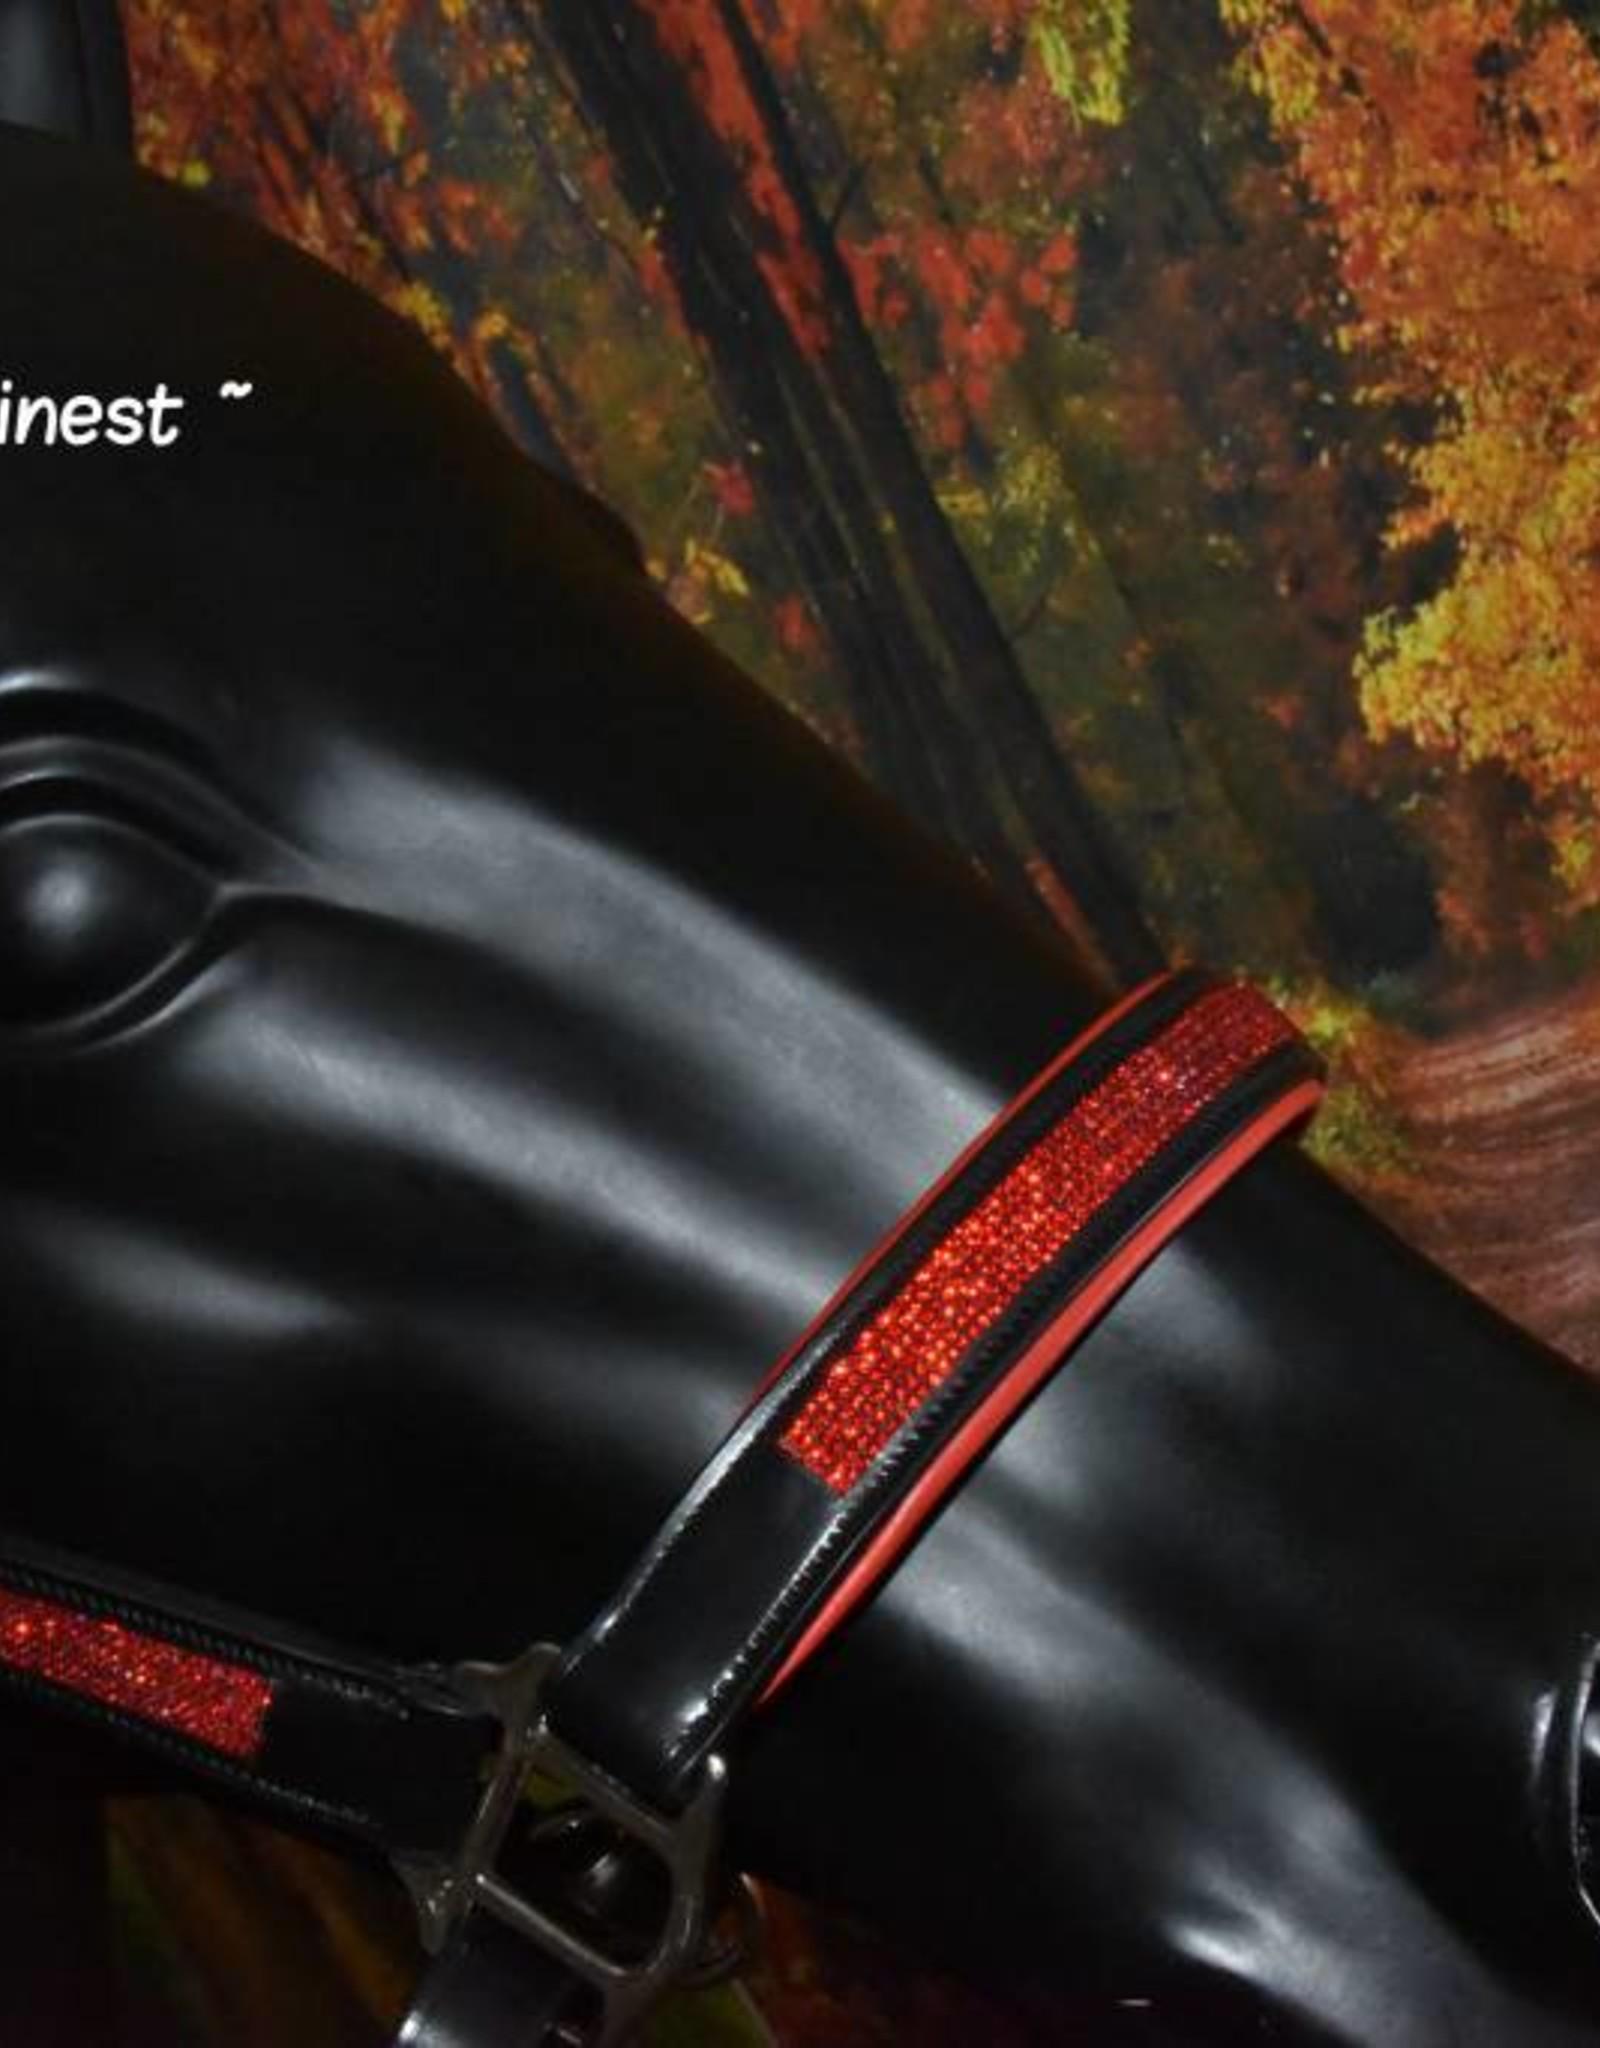 Ascot's Finest Lederen halster met rood - Pony t/m XFull